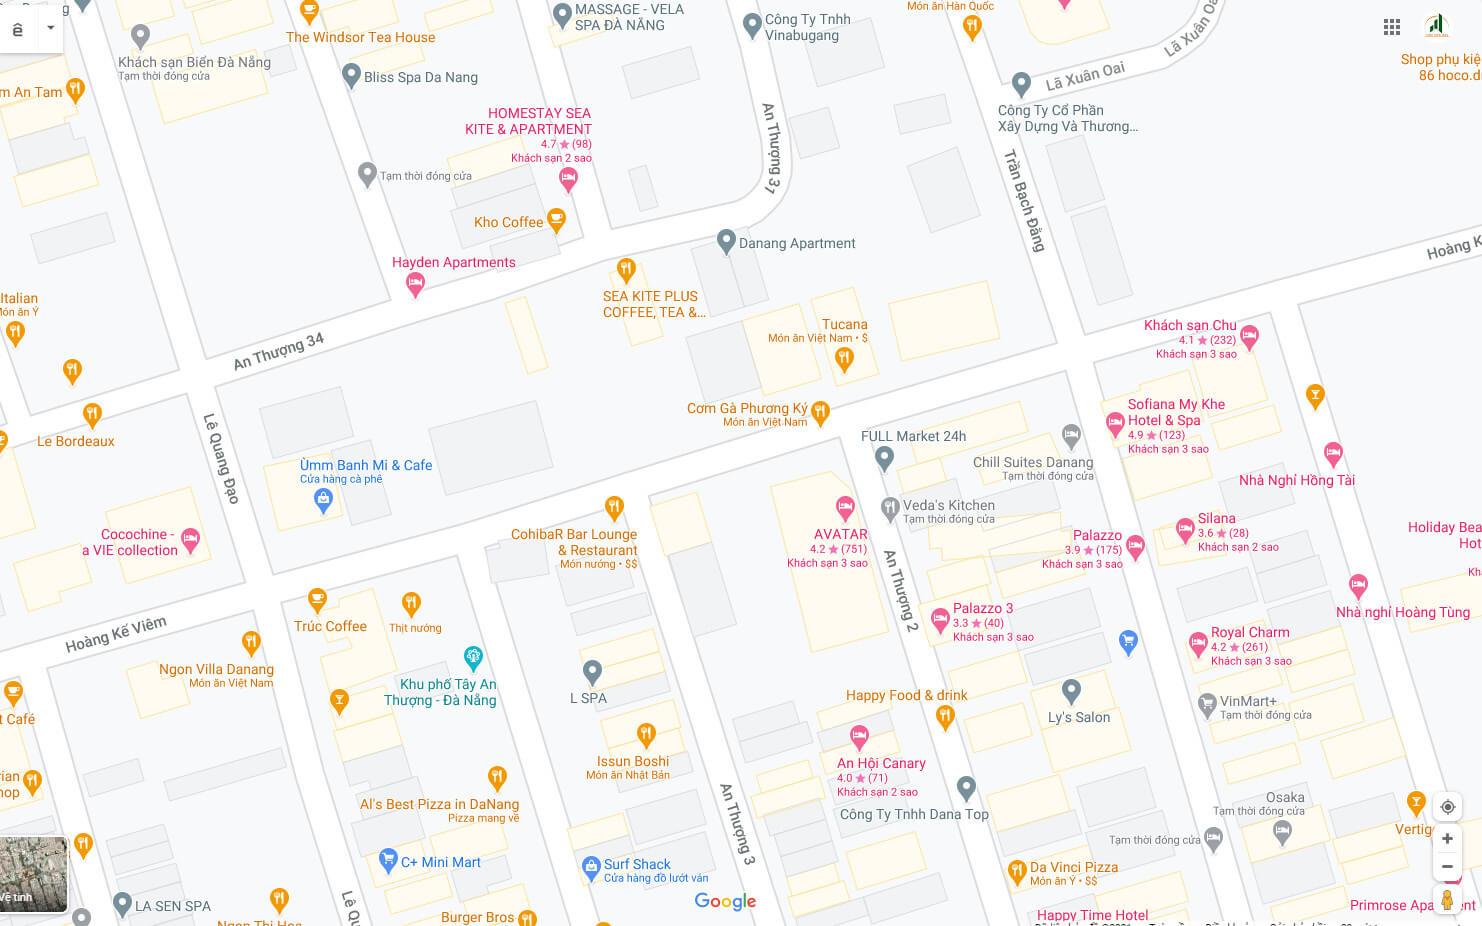 sơ đồ vị trí đất đất đường Hoàng Kế Viêm - Ngũ Hành Sơn - Đà Nẵng